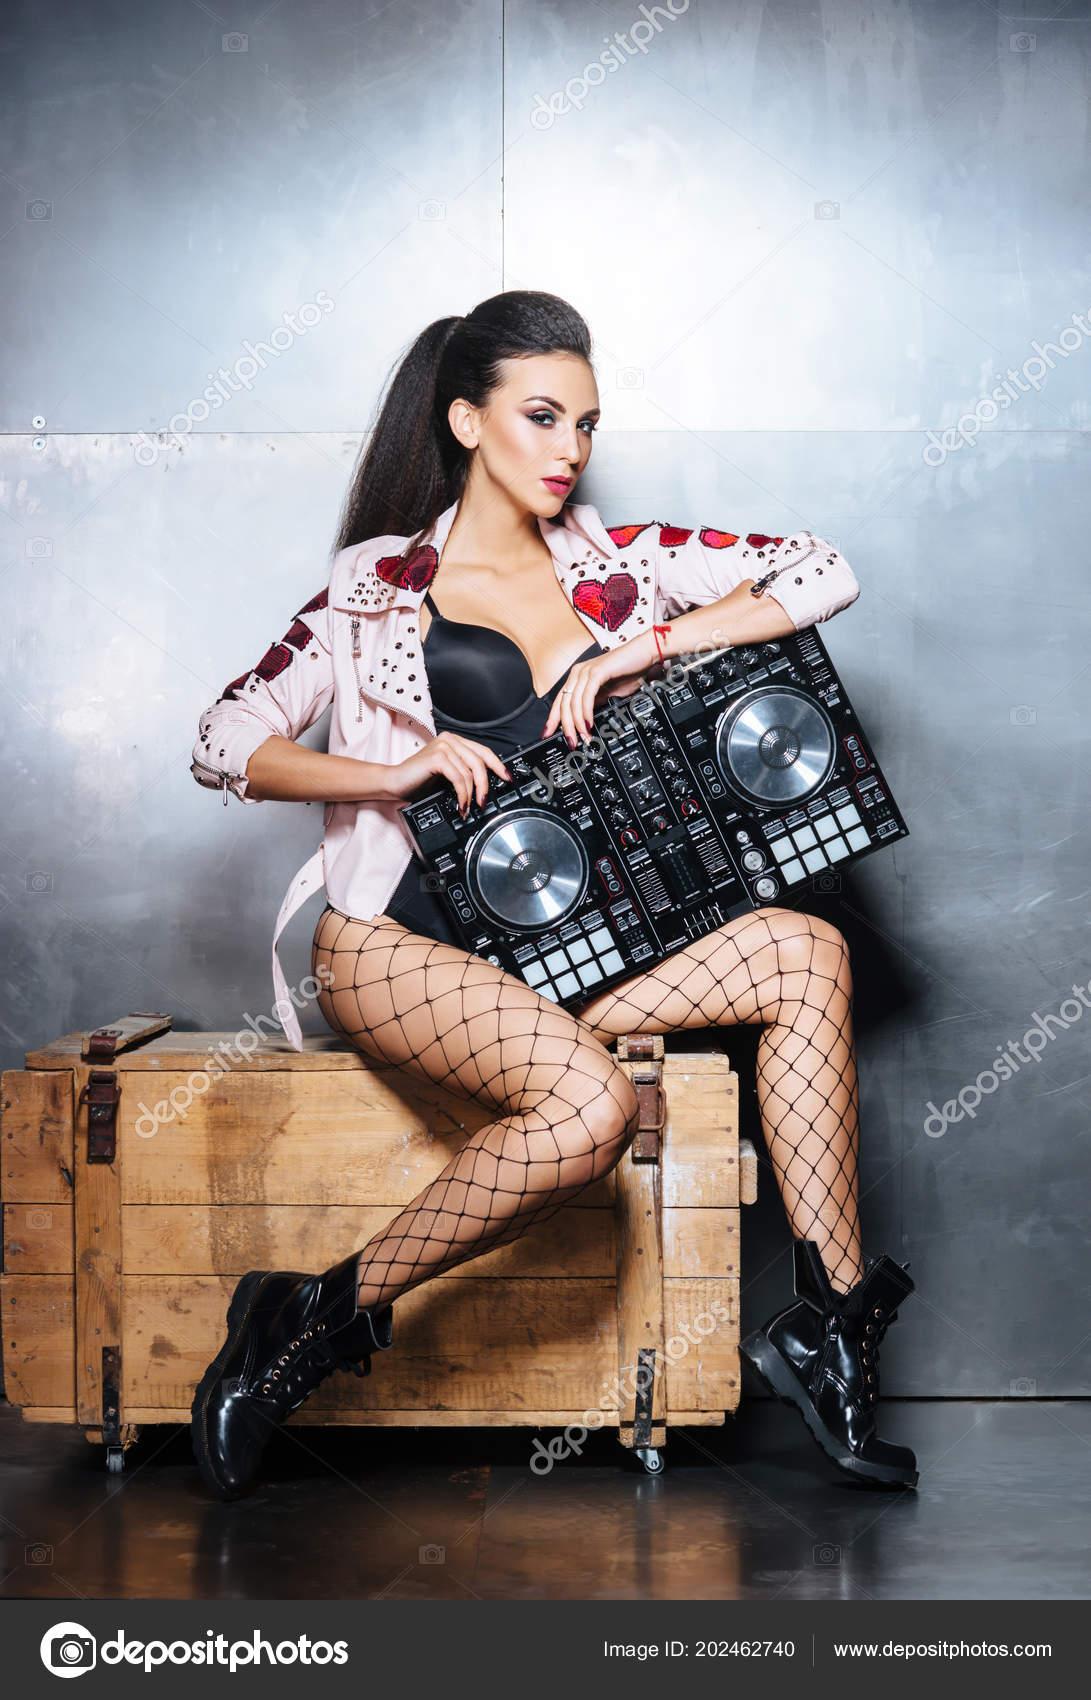 foto-seksualnih-devushek-v-klubah-i-diskotekah-molodaya-goryachaya-seks